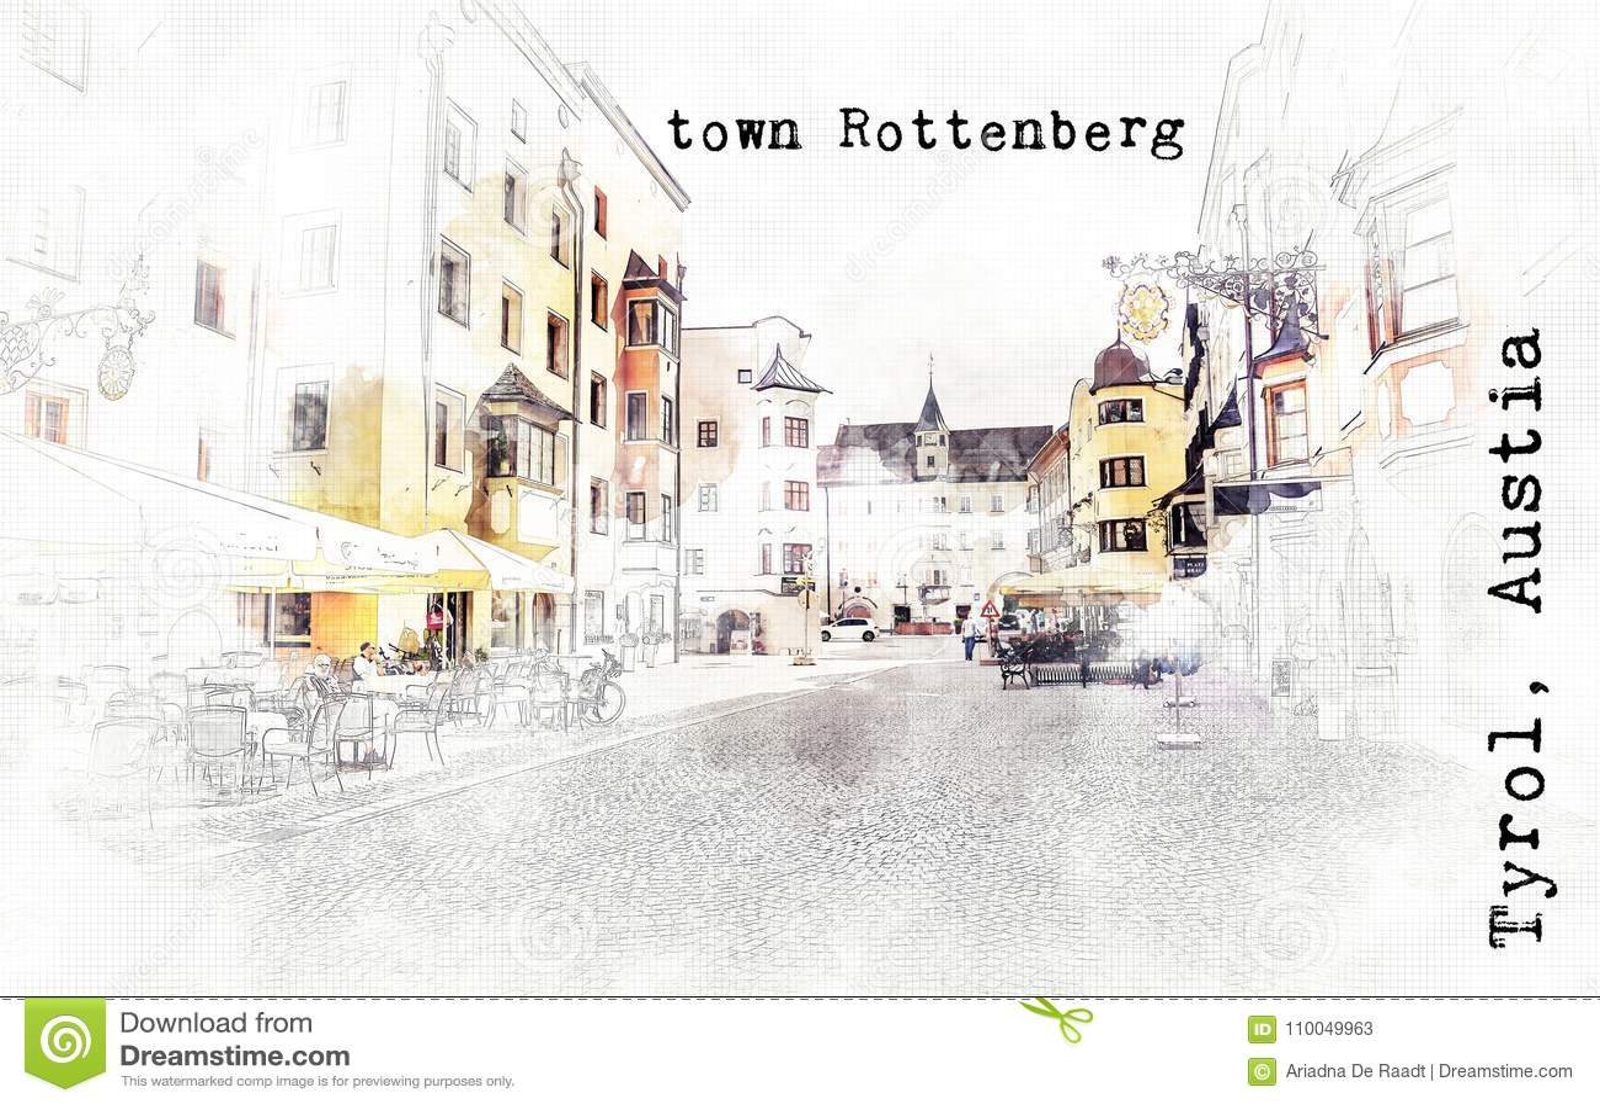 Σκίτσο του αυστριακού ταξιδιού